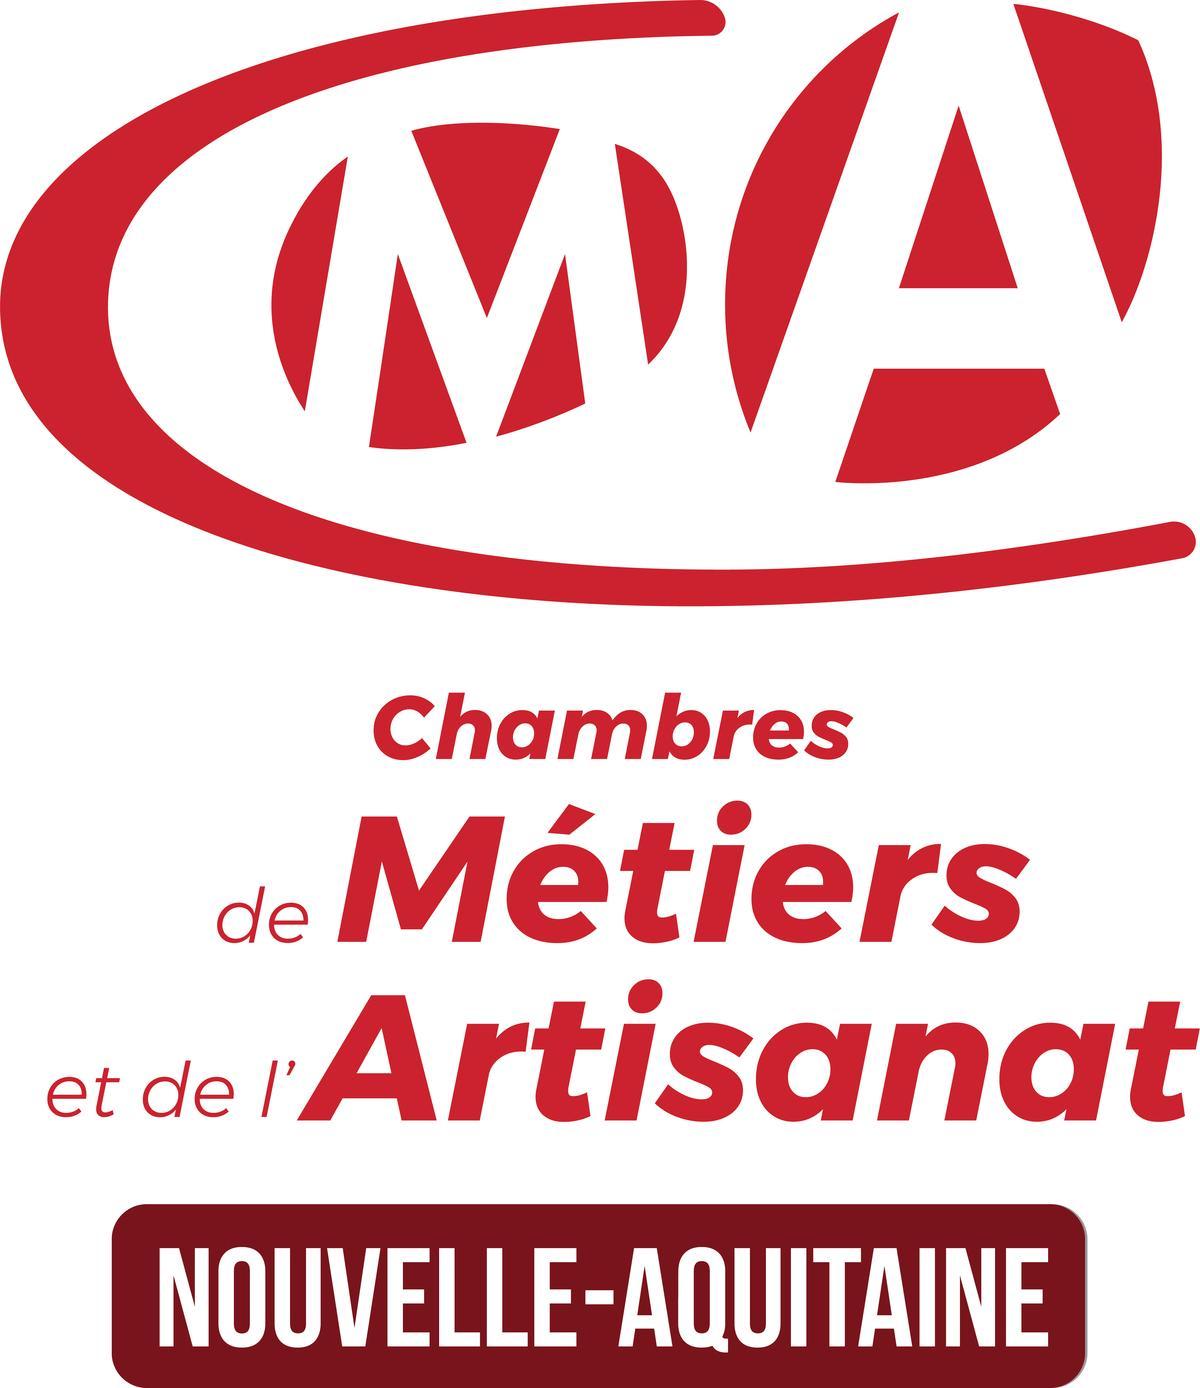 CHAMBRE REGIONALE DE METIERS ET DE L'ARTISANAT NOUVELLE-AQUITAINE ...